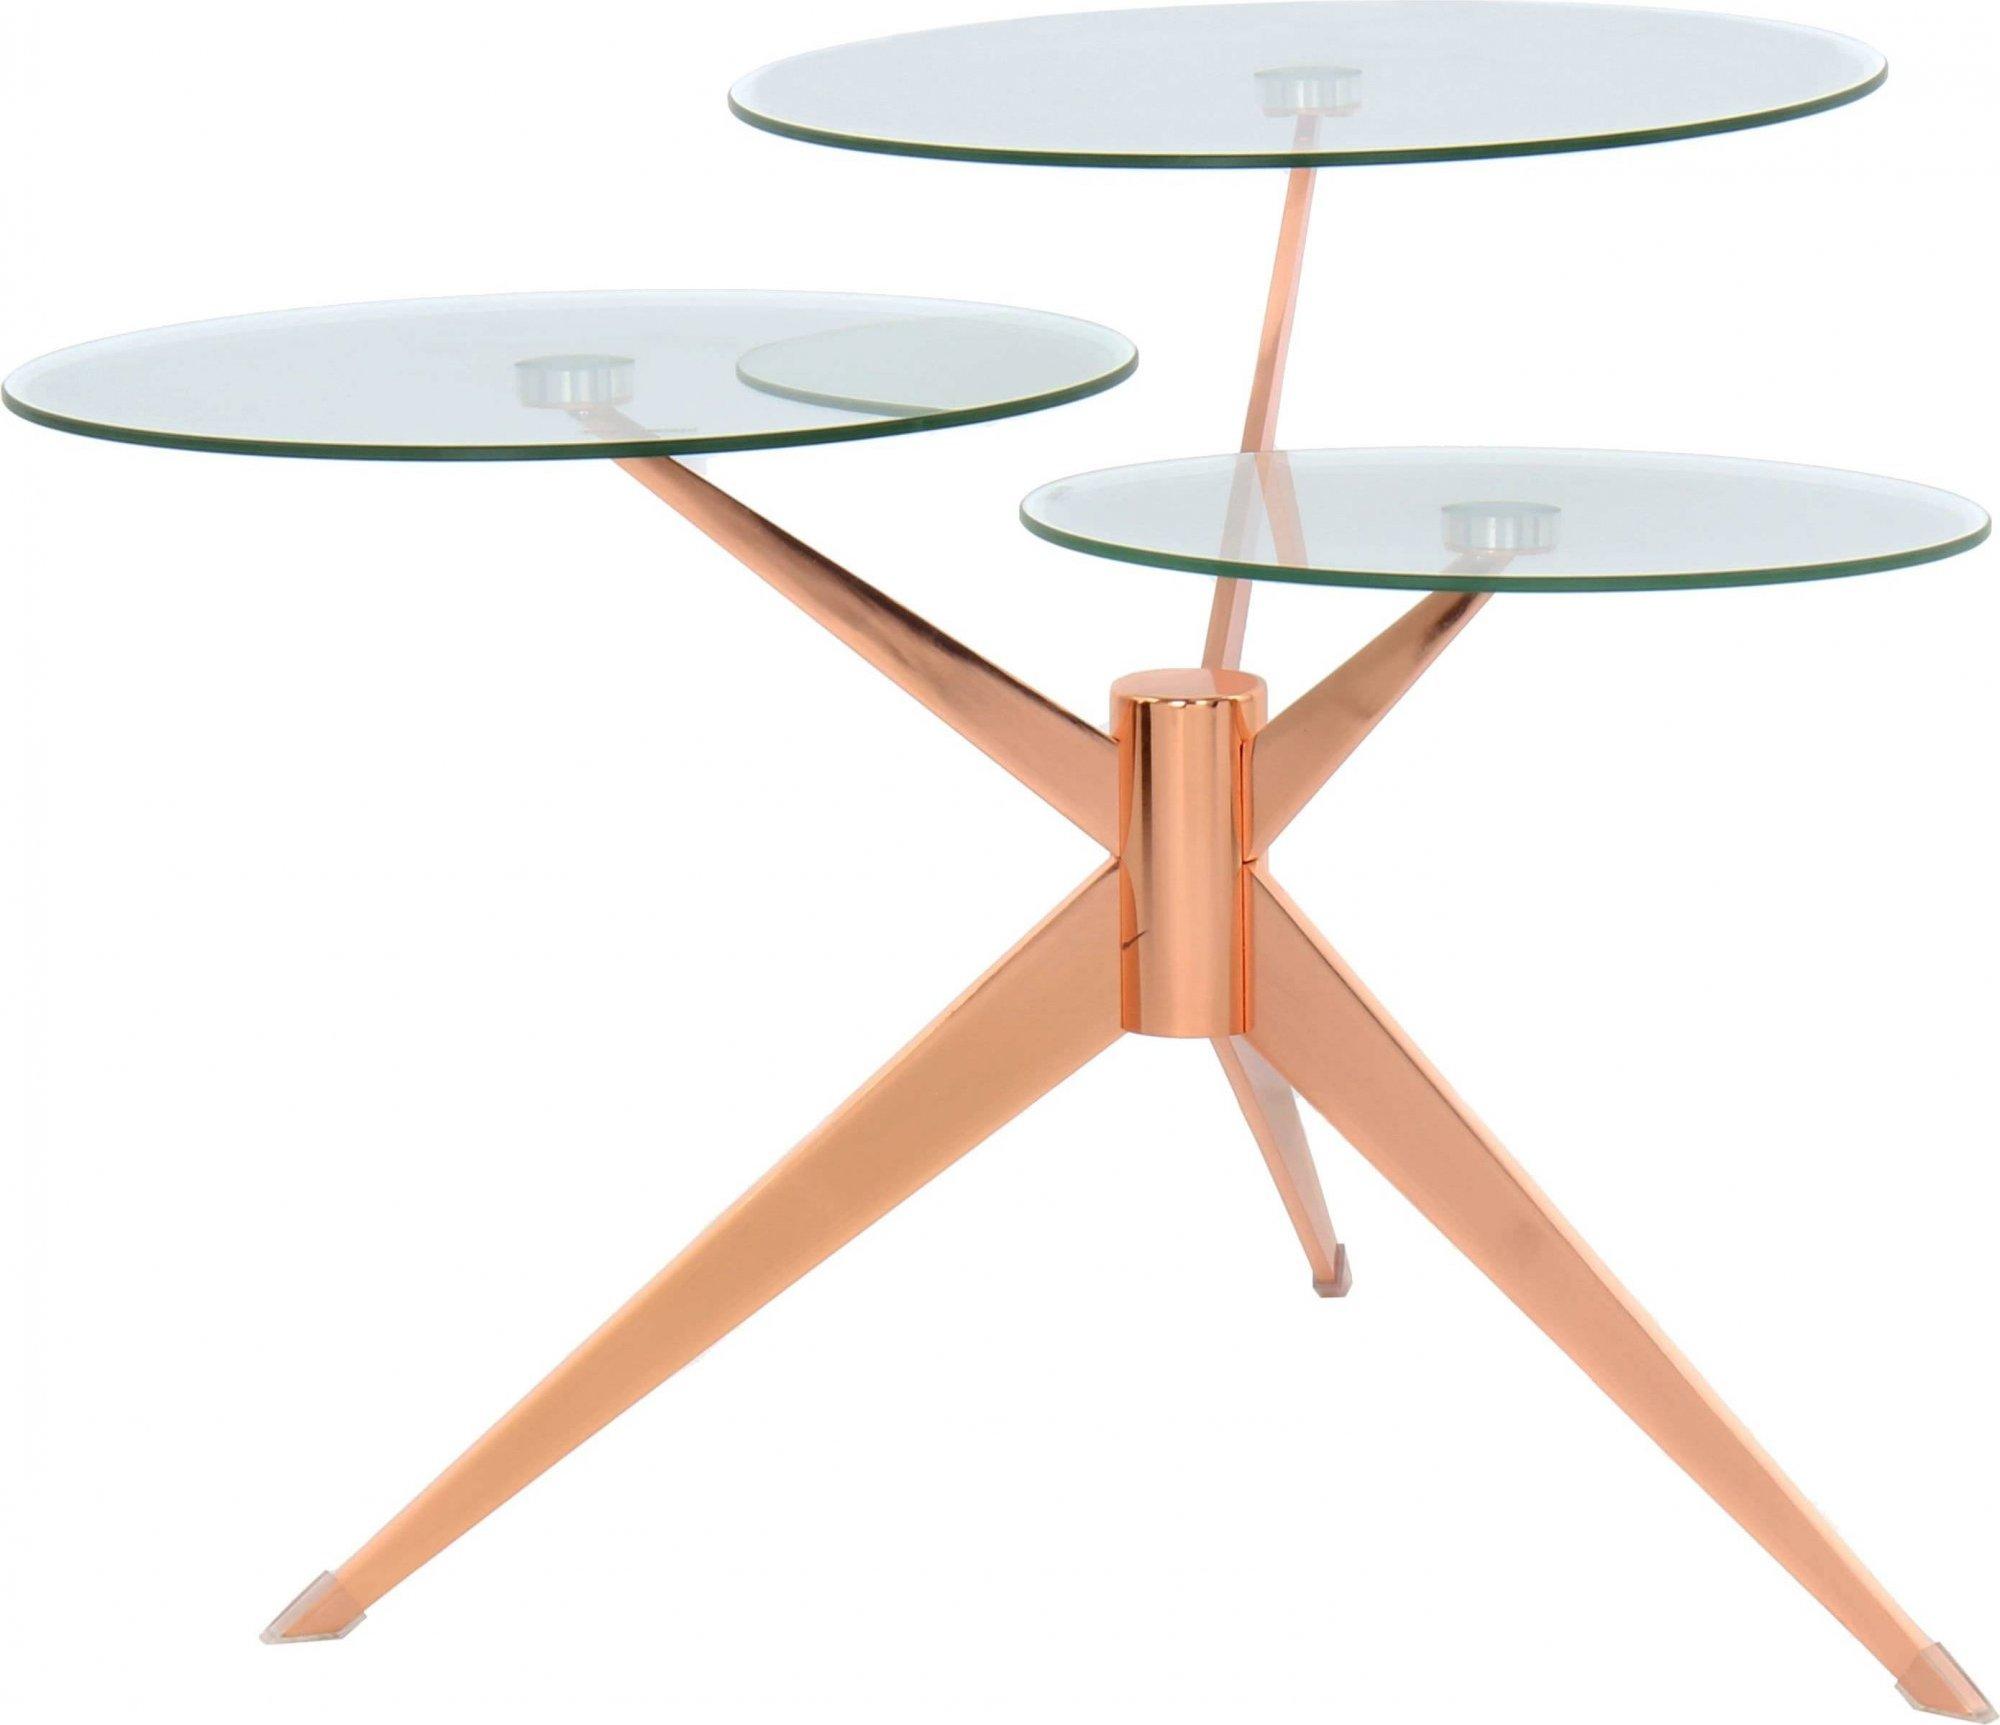 maison du monde Table basse composé 3 plateaux verre structure métal cuivré